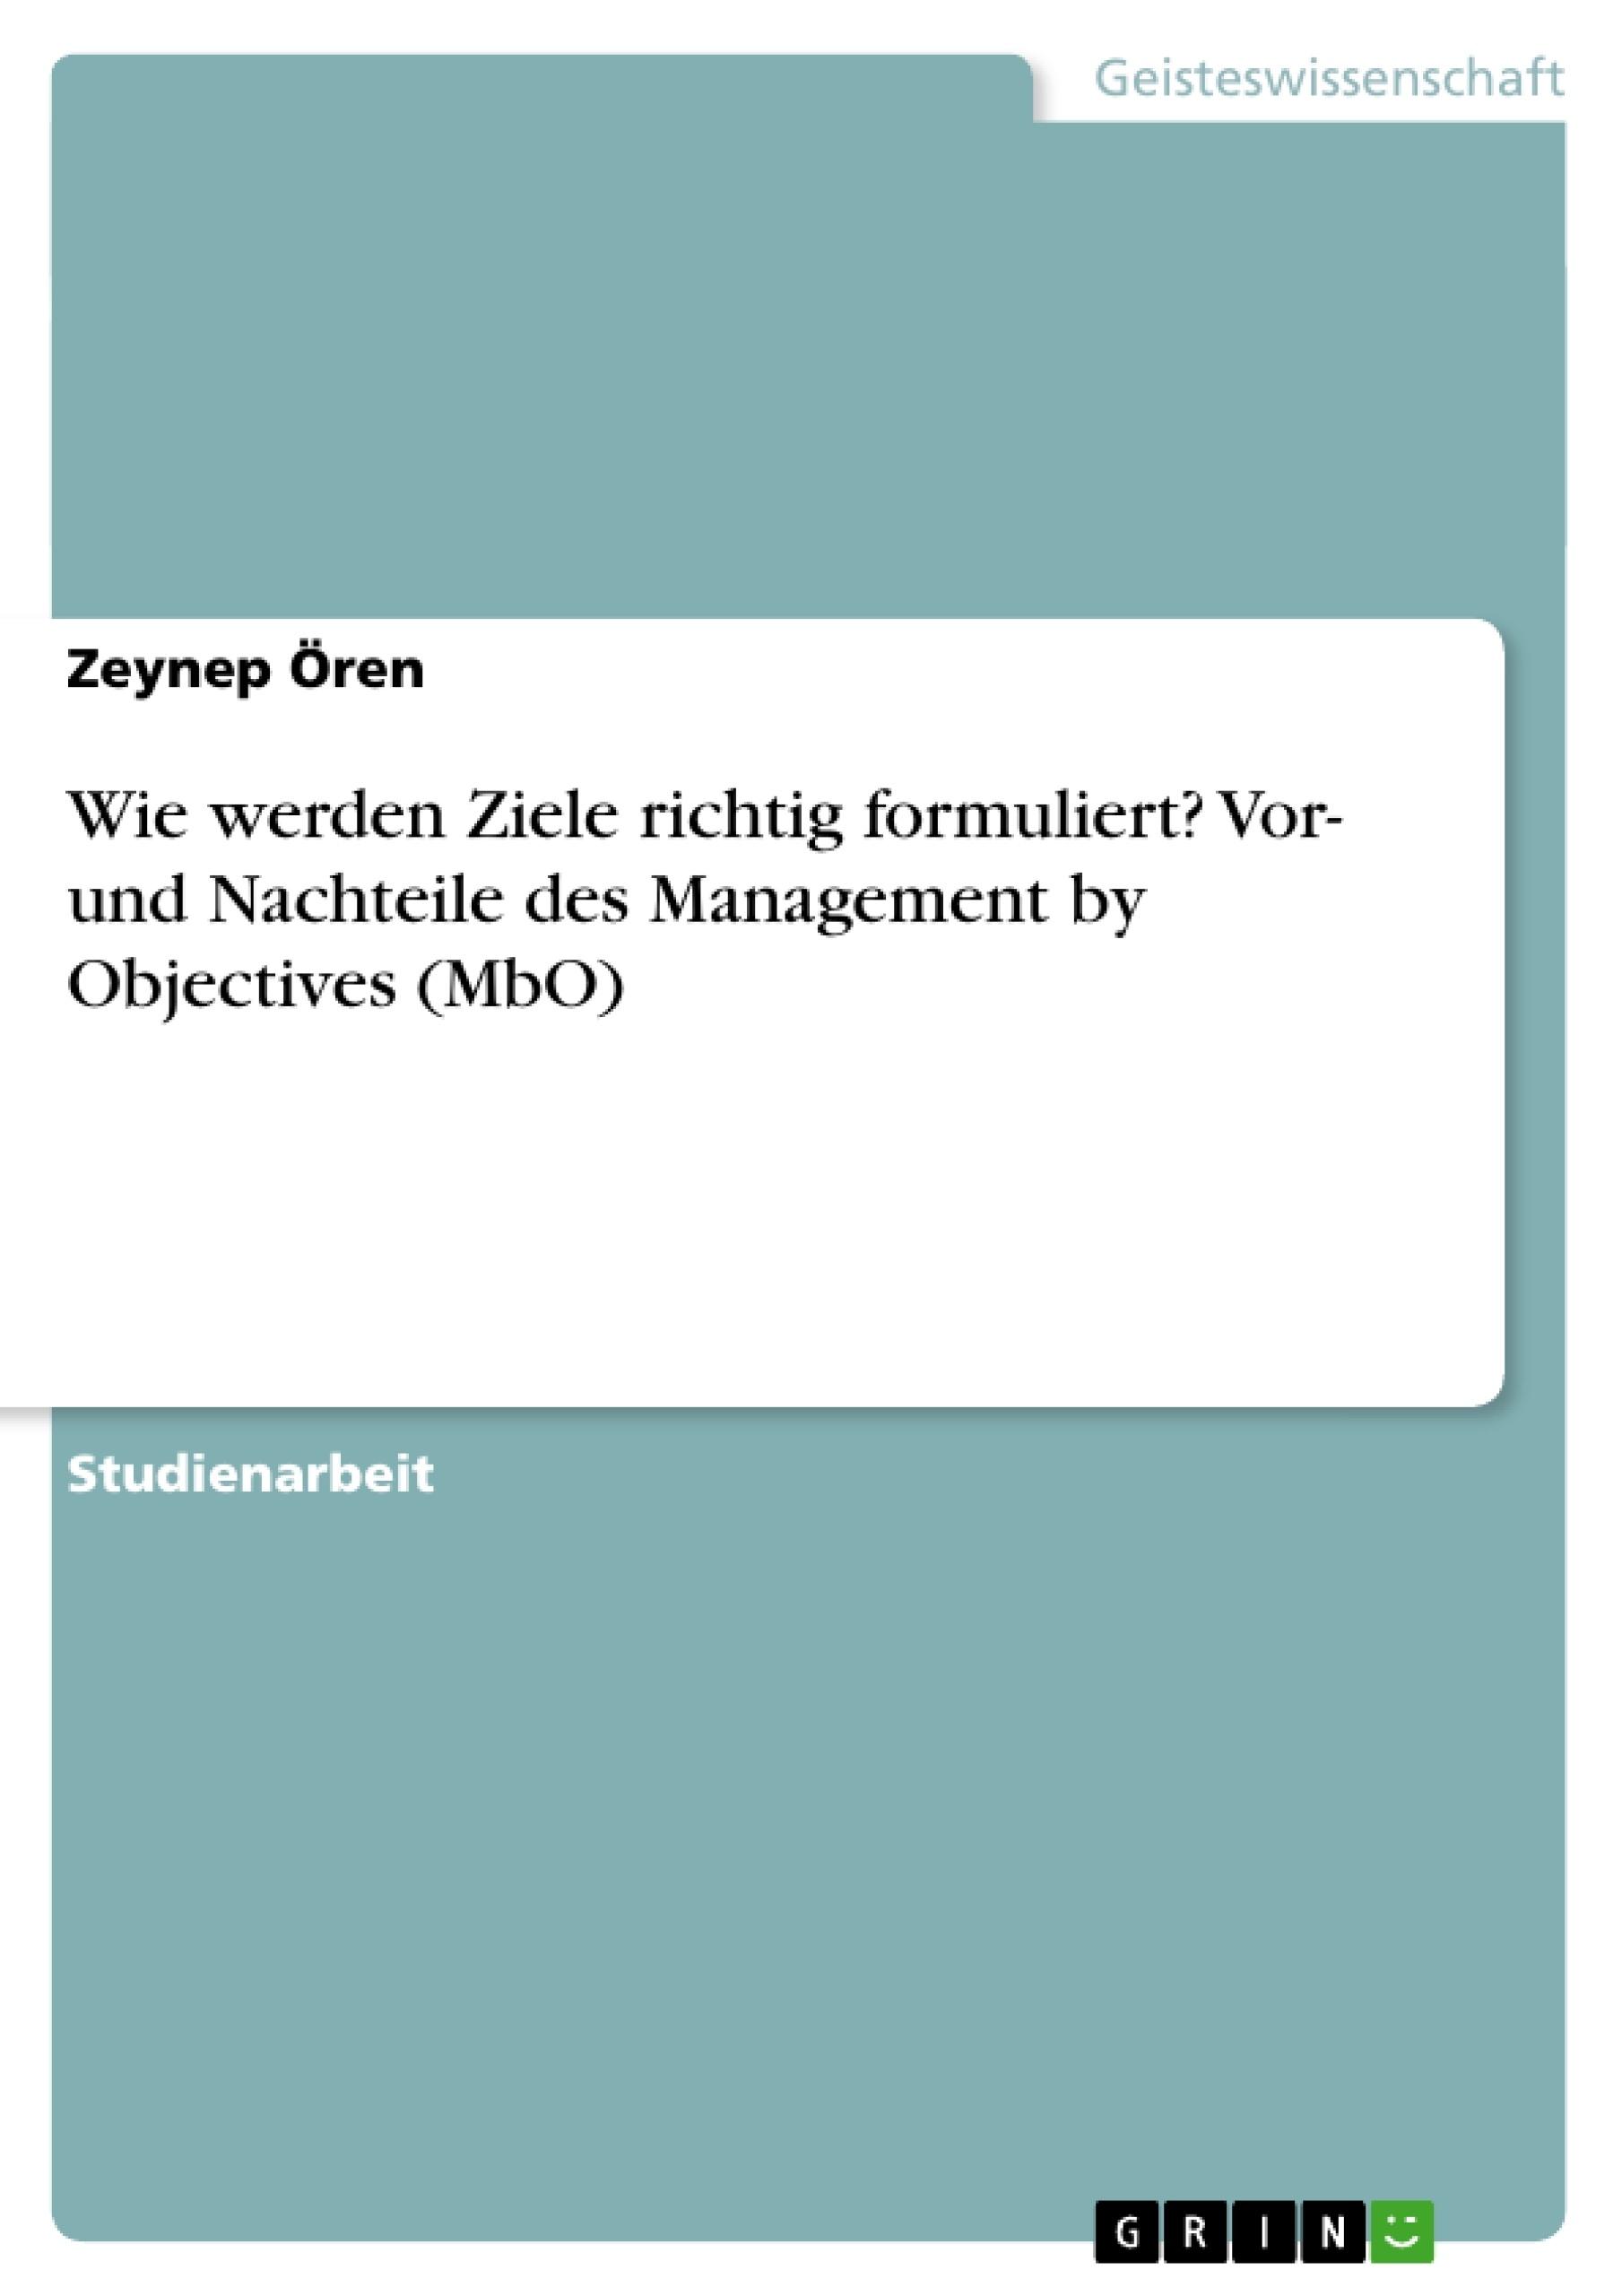 Titel: Wie werden Ziele richtig formuliert? Vor- und Nachteile des Management by Objectives (MbO)